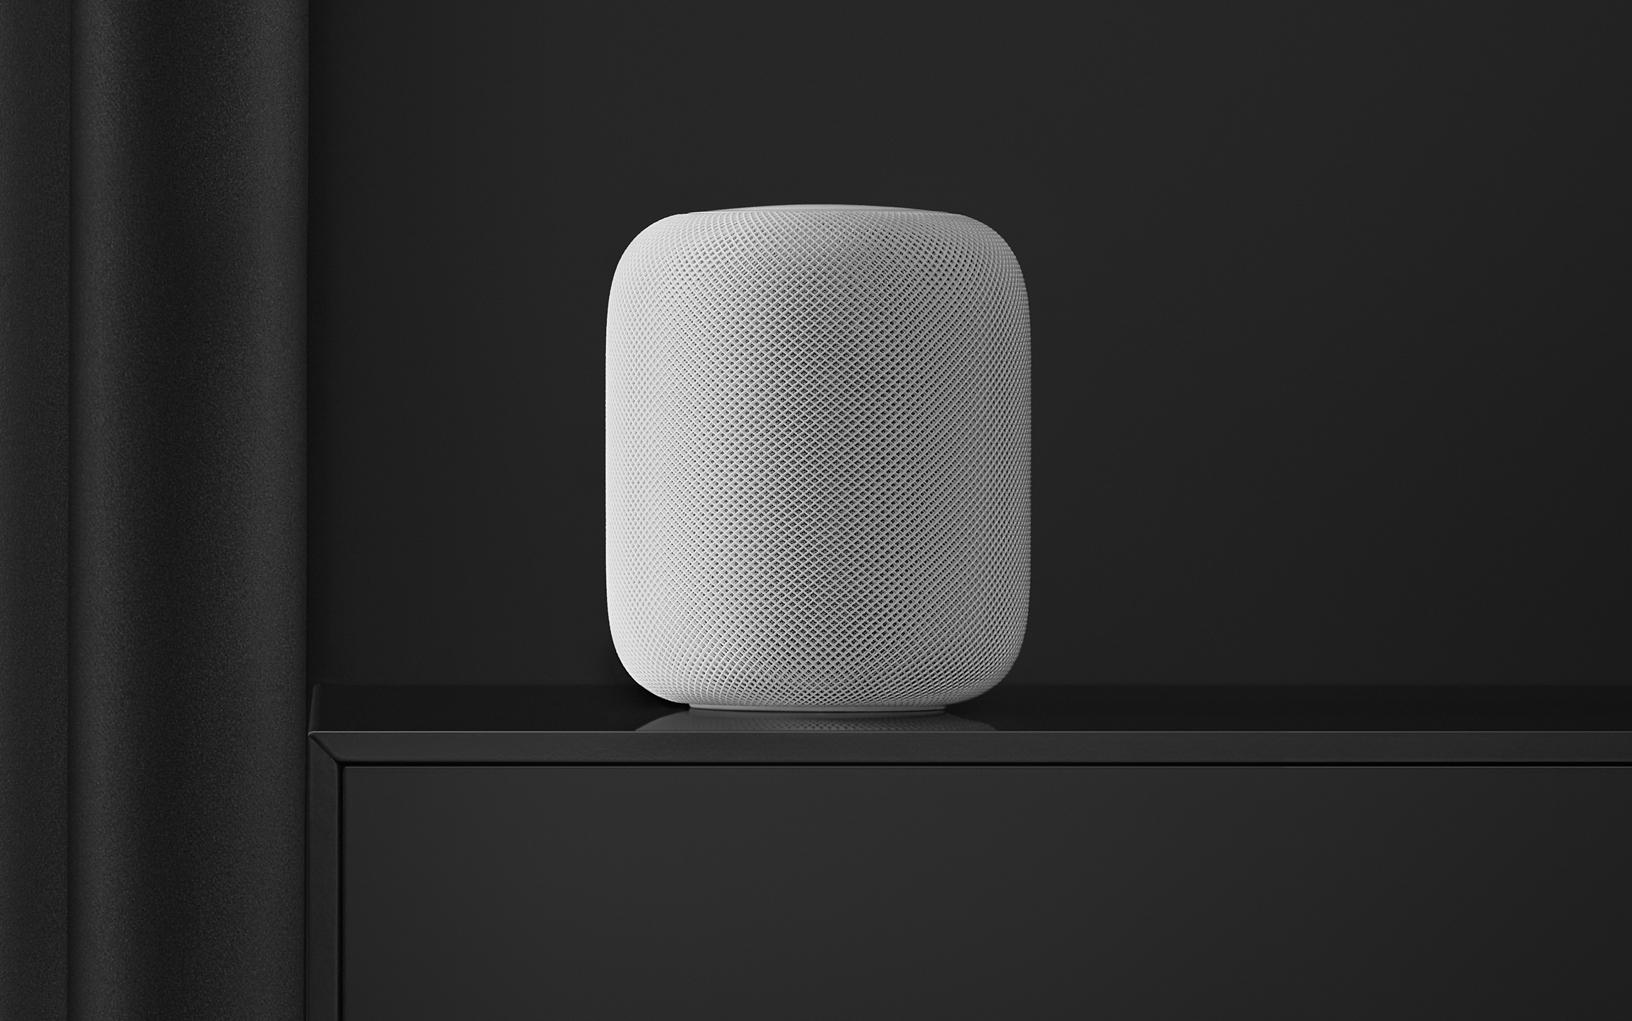 Le top des assistants vocaux pour la maison en 2021 - Apple Homepod